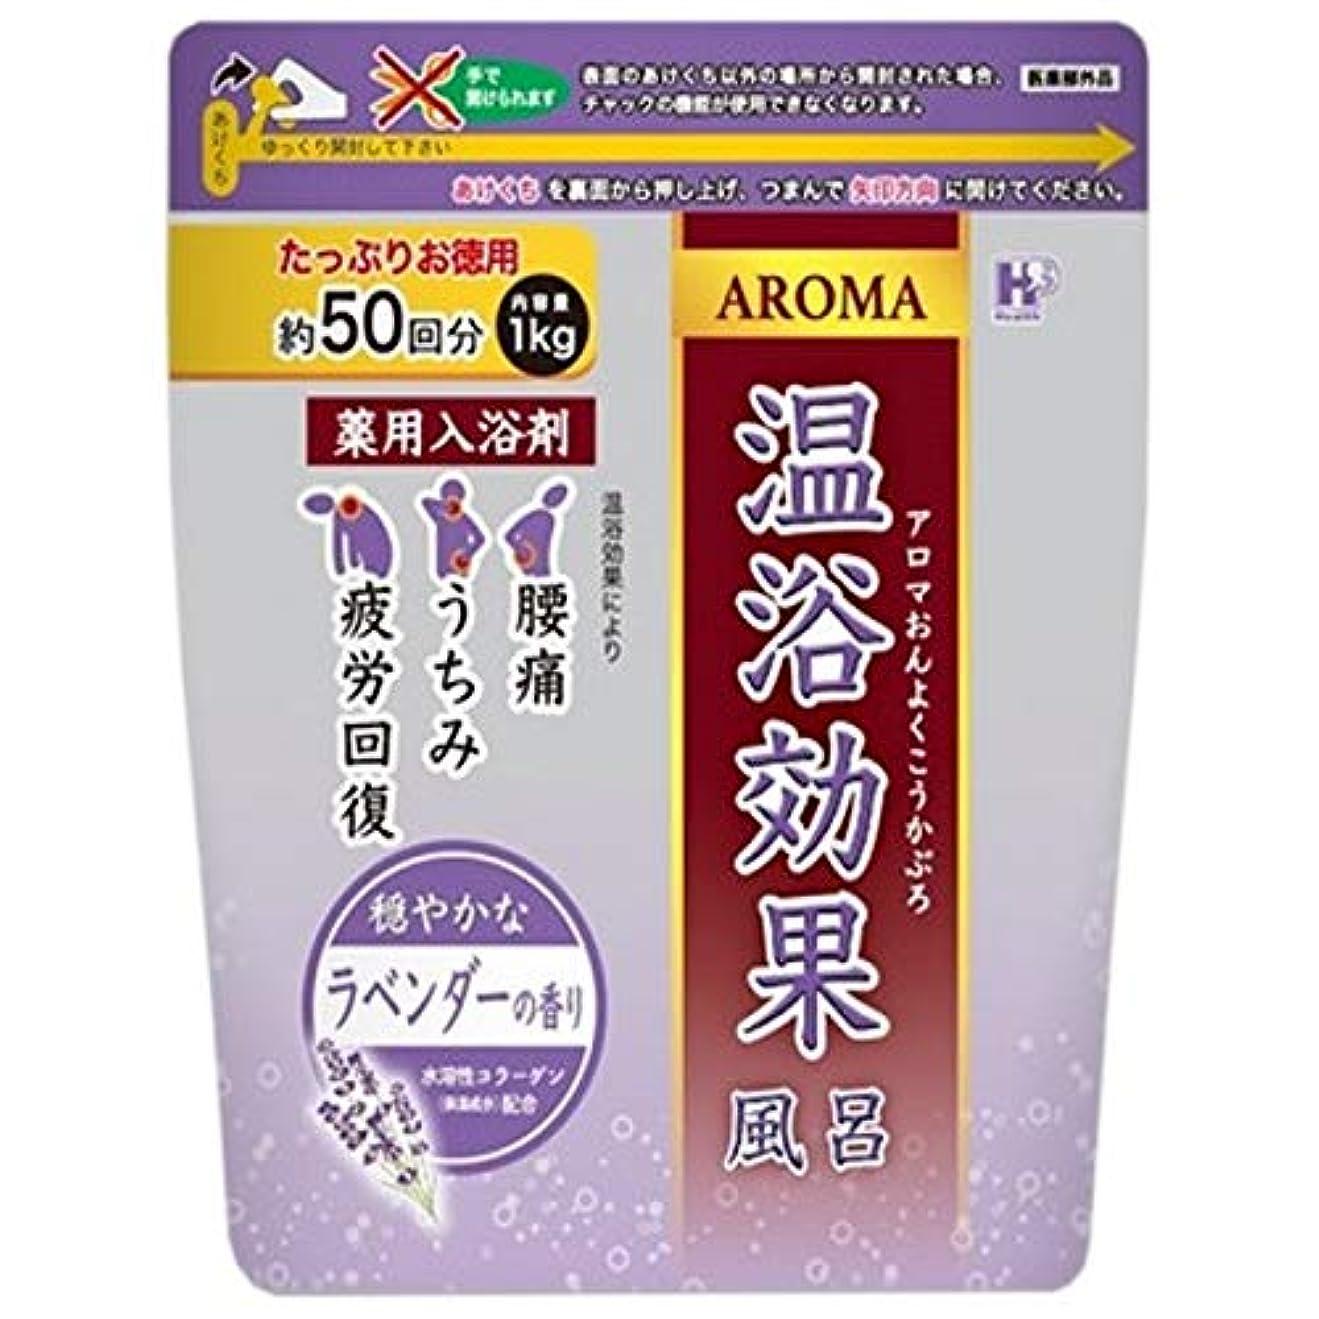 無力壁紙申し立てる薬用入浴剤 アロマ温浴効果風呂 ラベンダー 1kg×10袋入